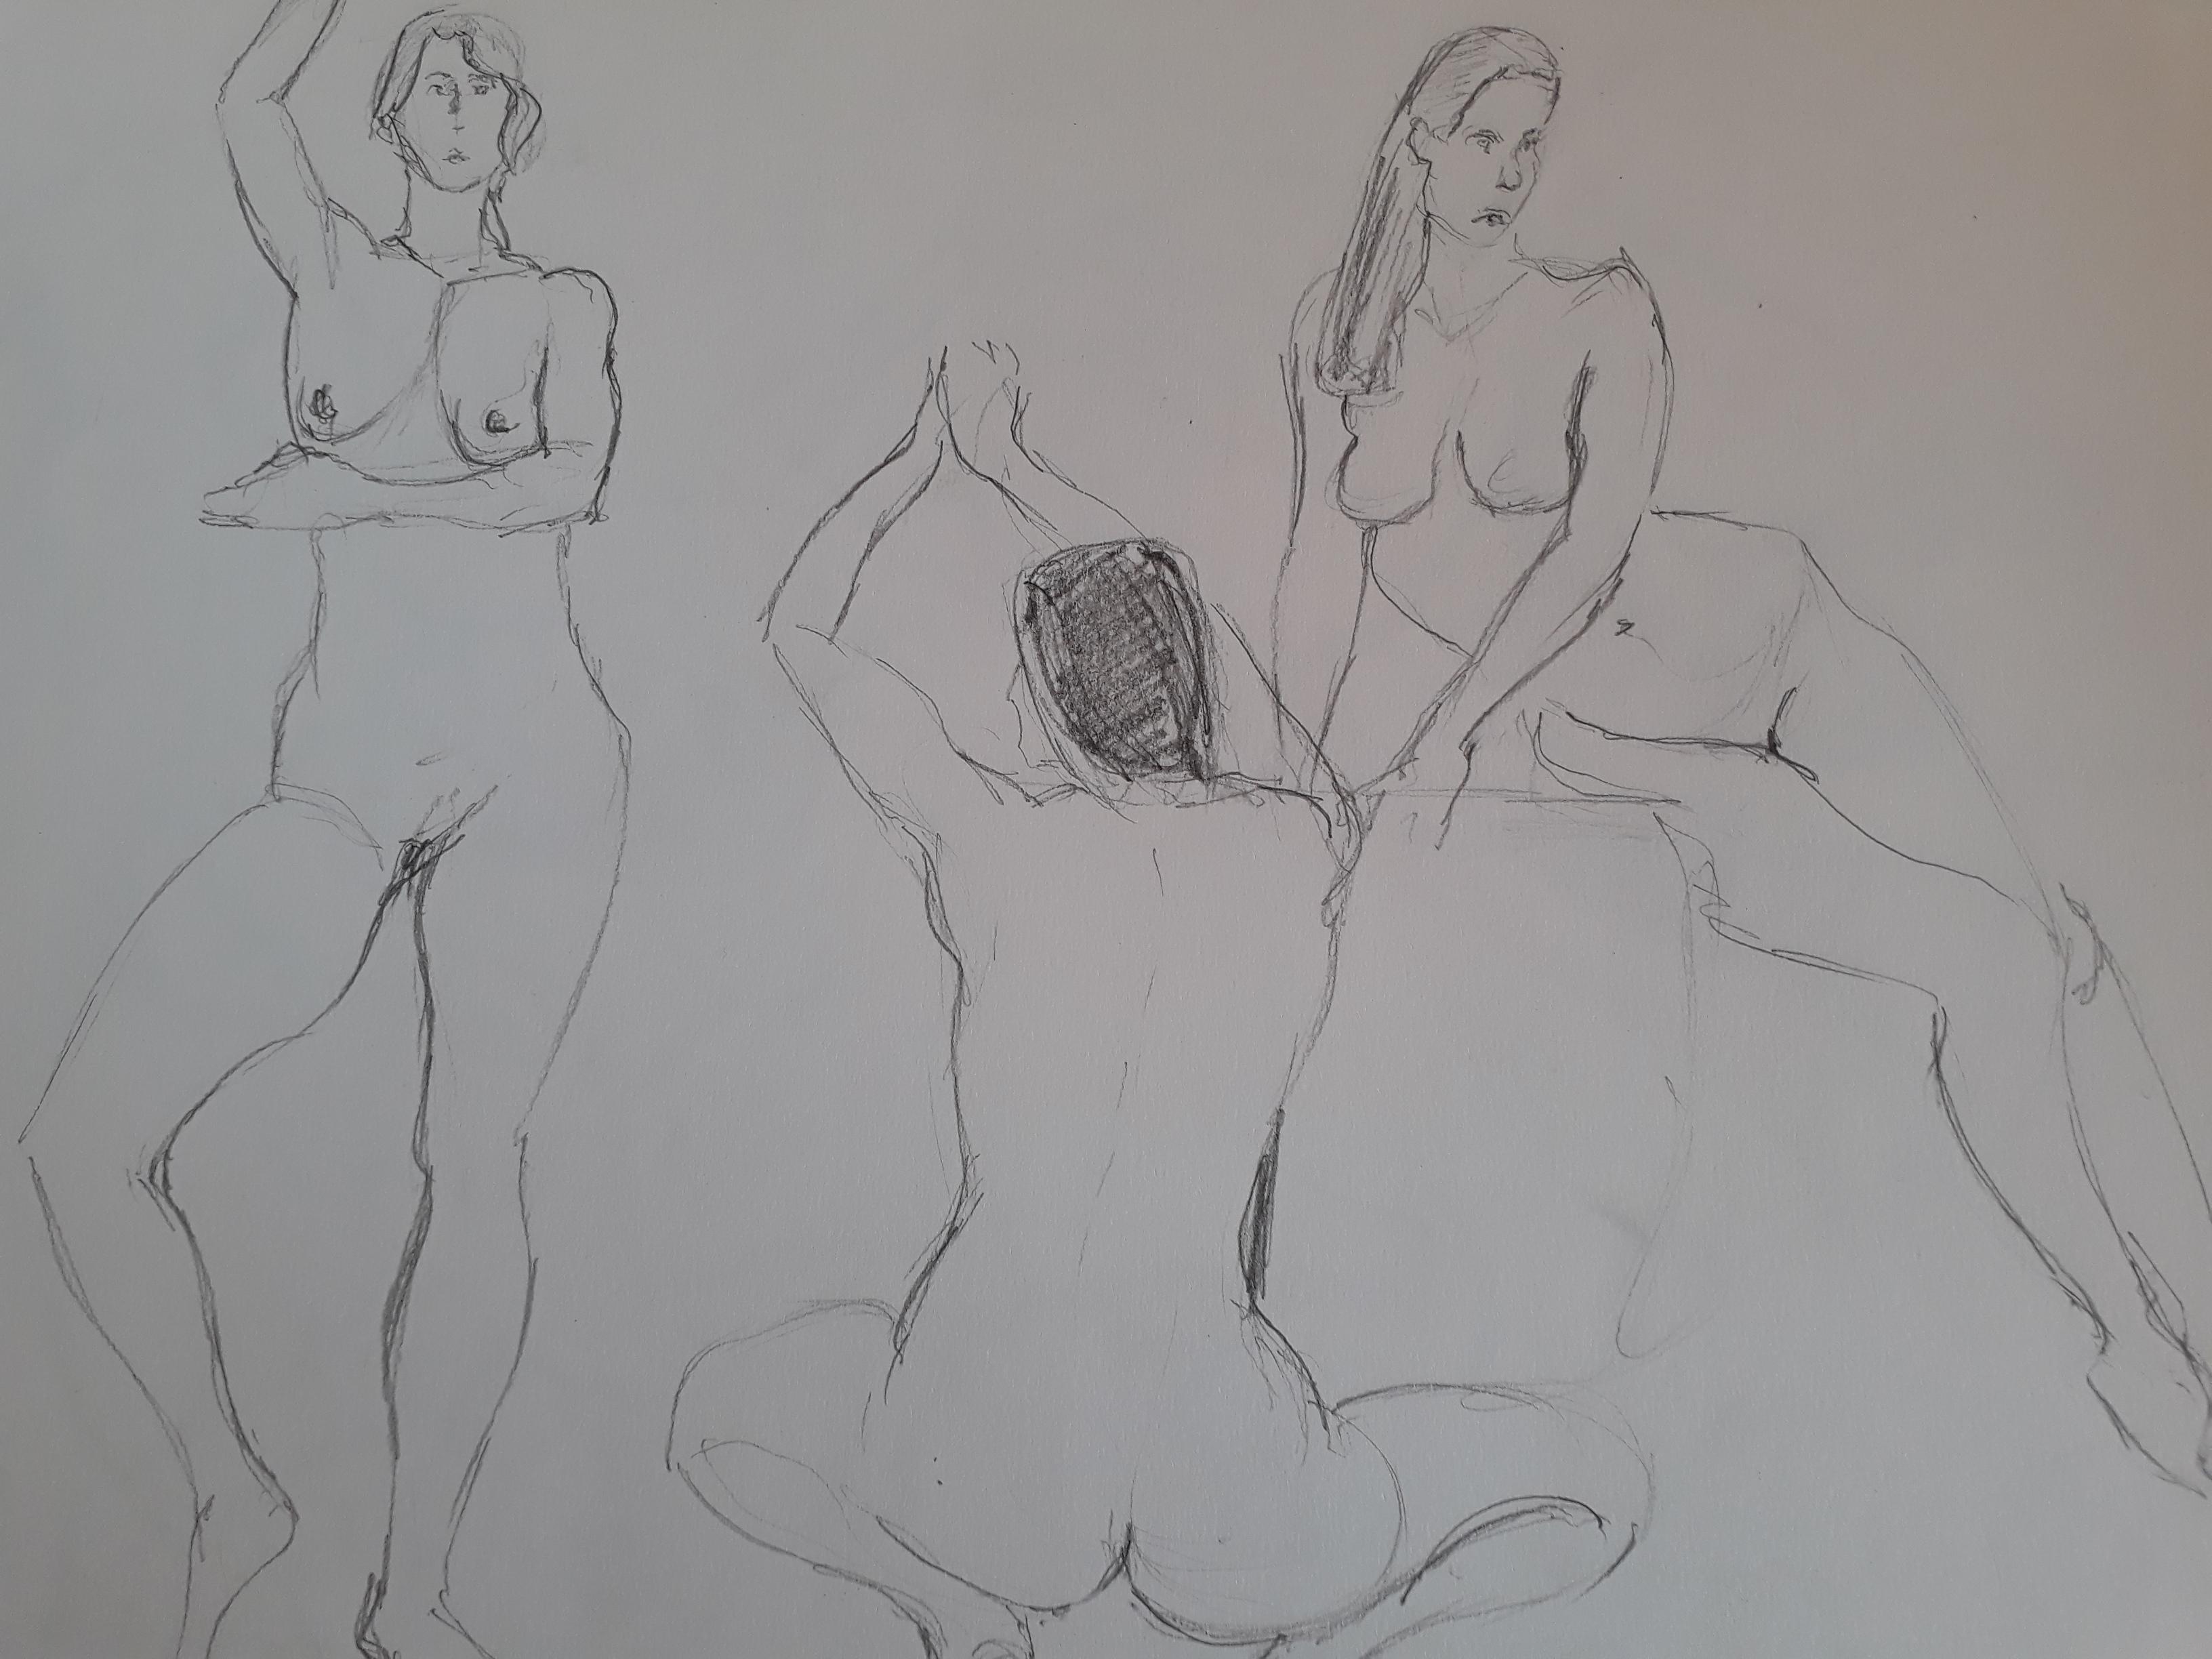 Esquisse rapide dessin femme  cours de dessin